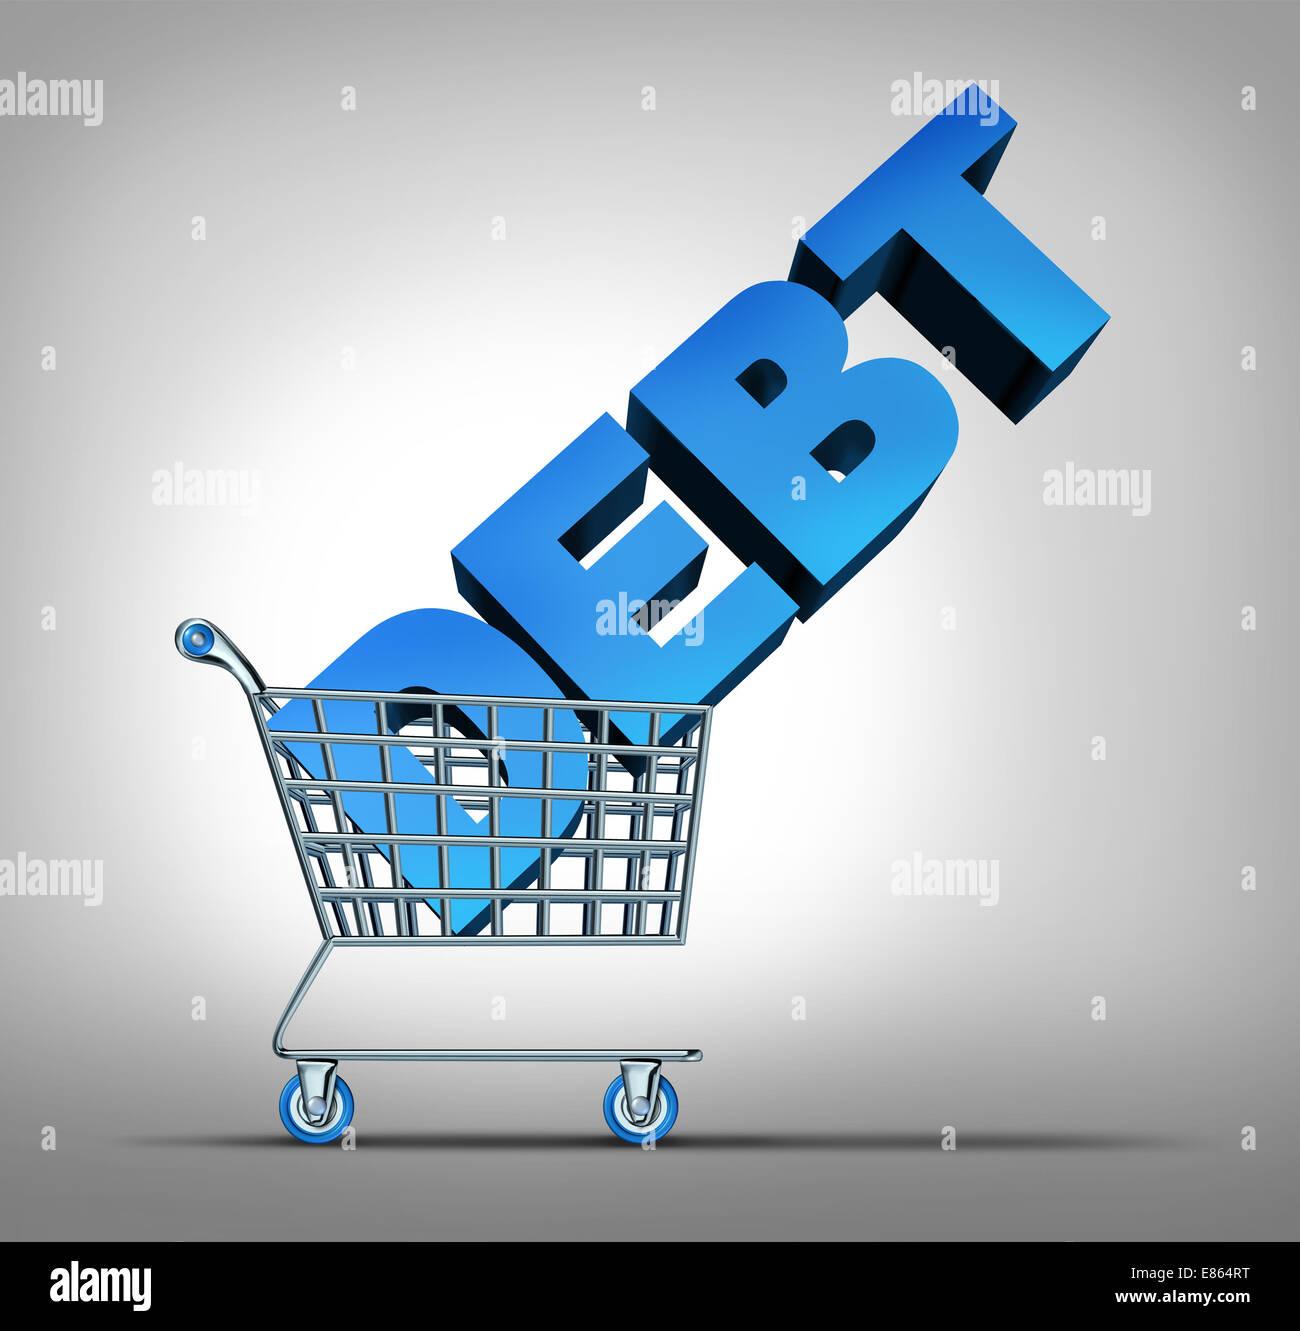 La deuda del consumidor como un concepto financiero compras arrastrando un texto tridimensional como un problema Foto de stock